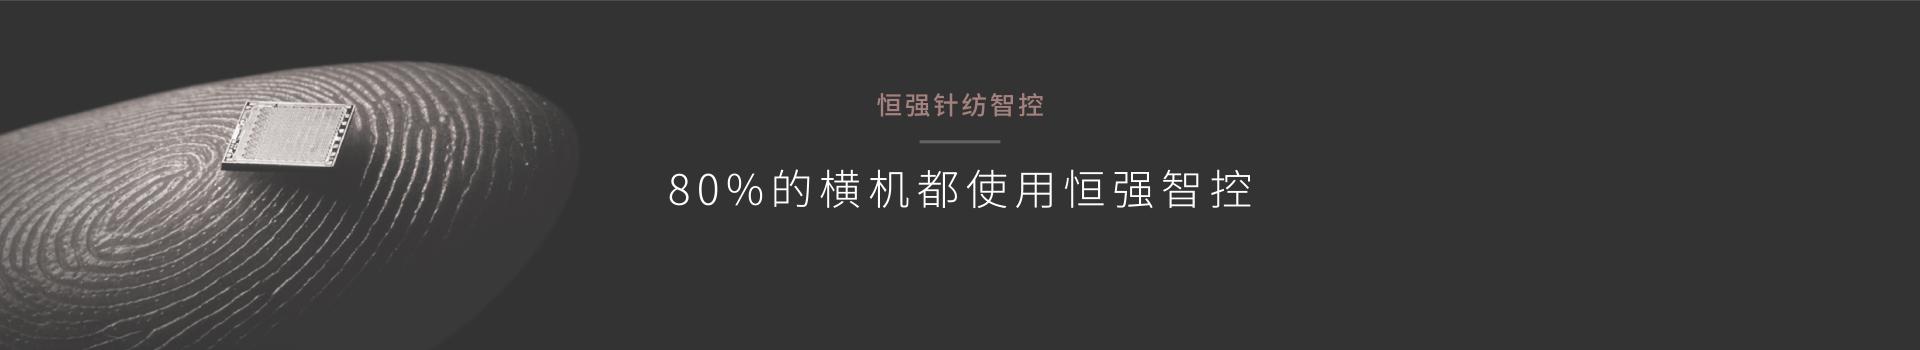 上海营销策划公司给恒强针纺智控做企业品牌策划方案用占领技术制高点方法抢占行业舞台案例鼠标划过效果